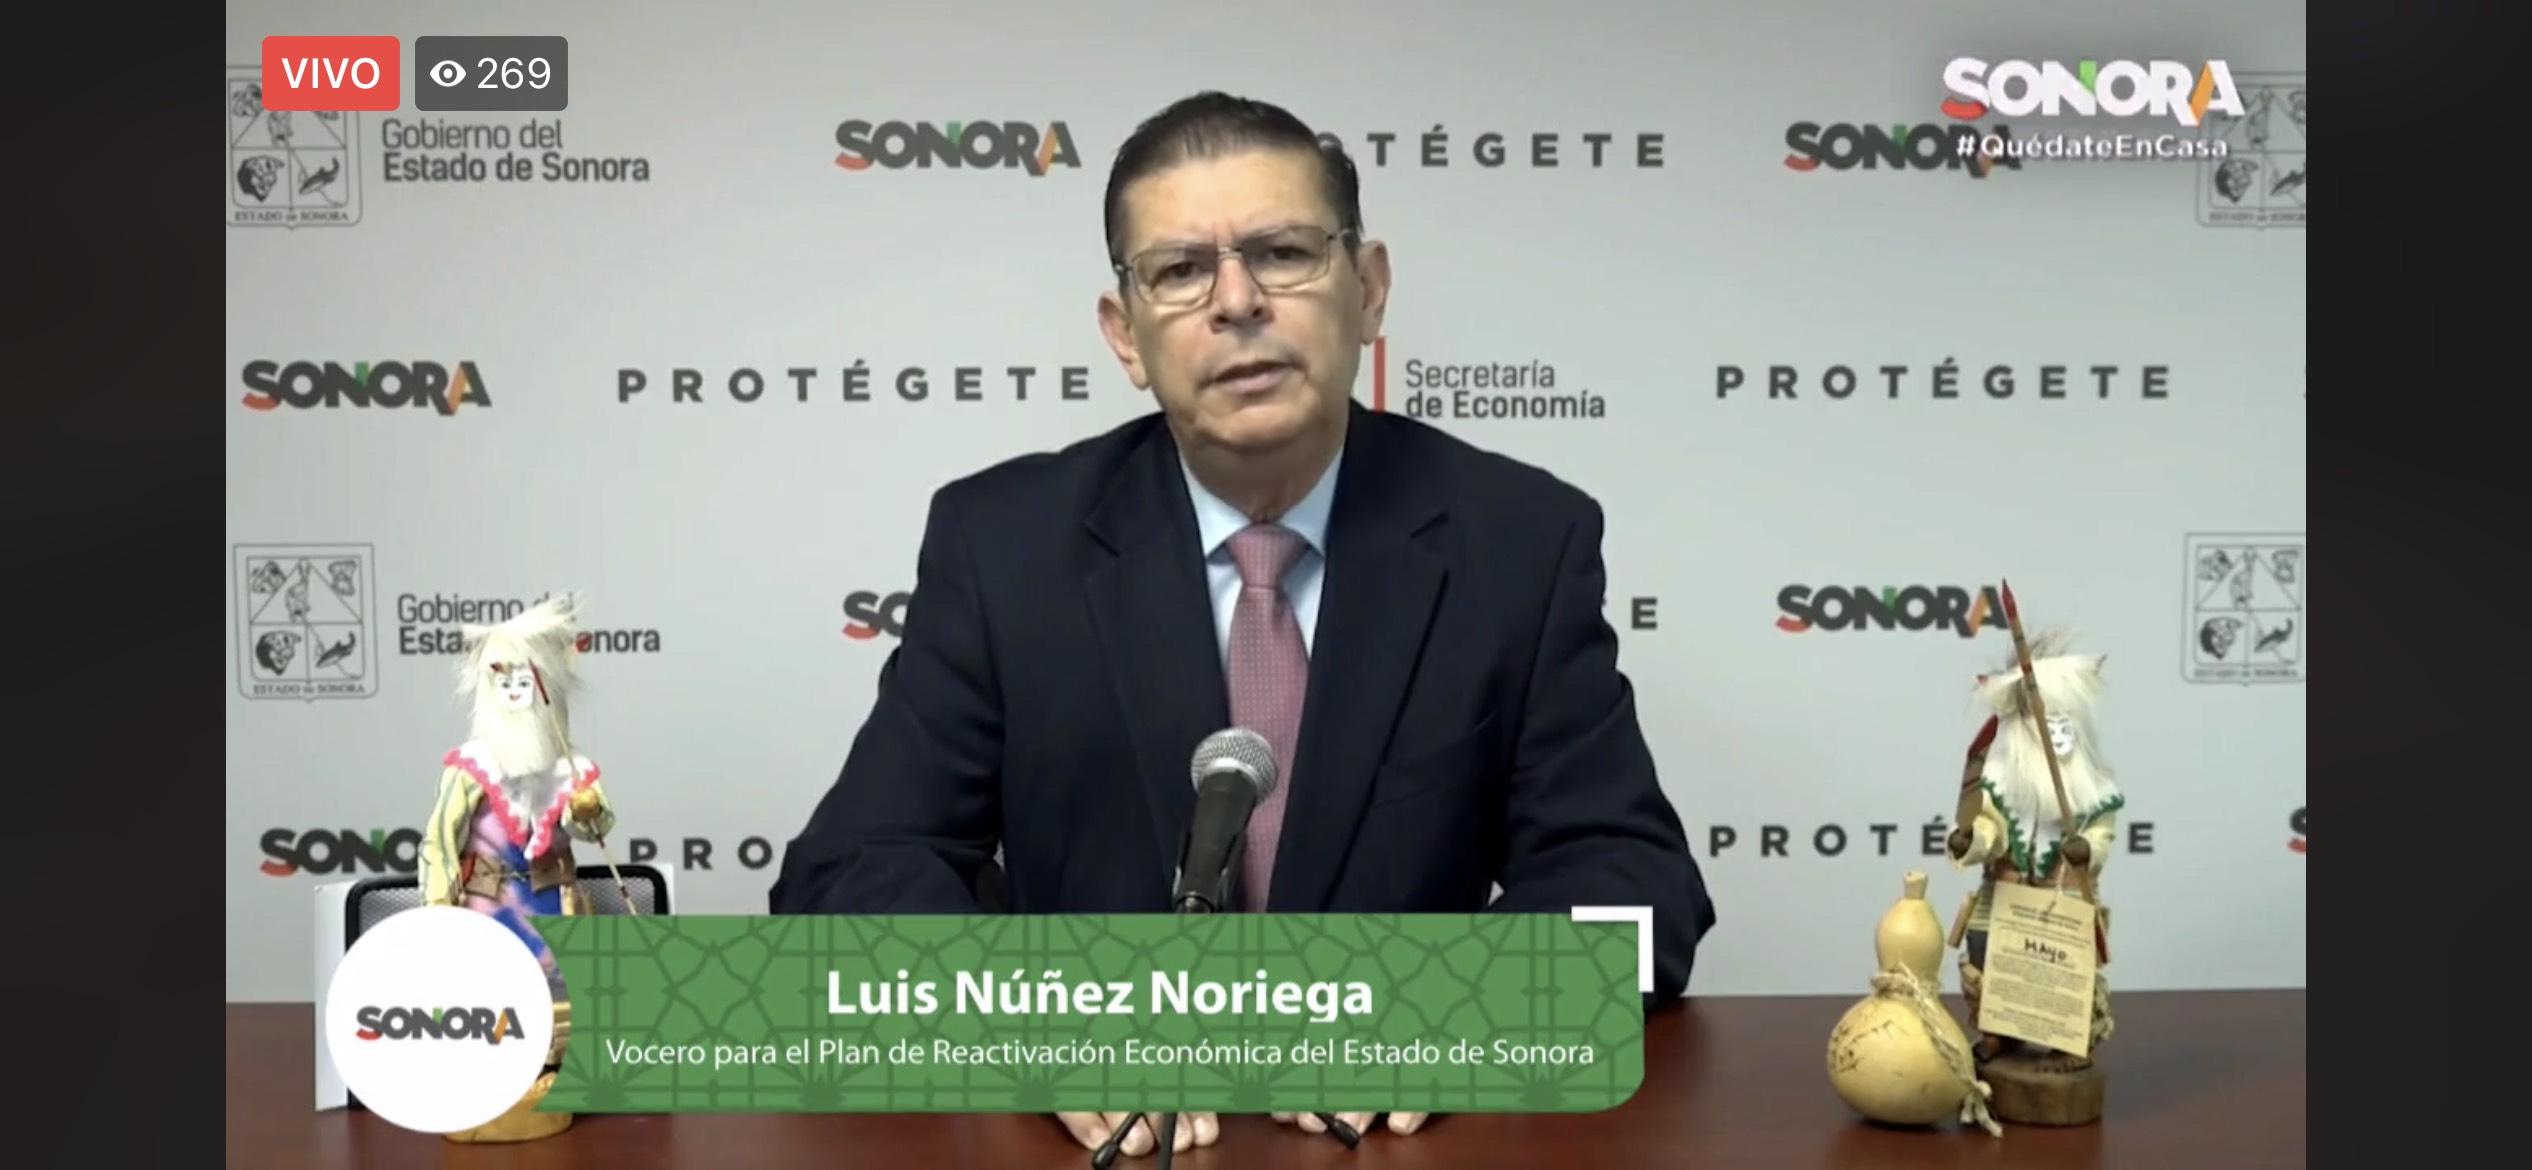 Inversión, seguridad sanitaria y recuperación de empleos, clave para la reactivación económica en Sonora: Luis Núñez Noriega